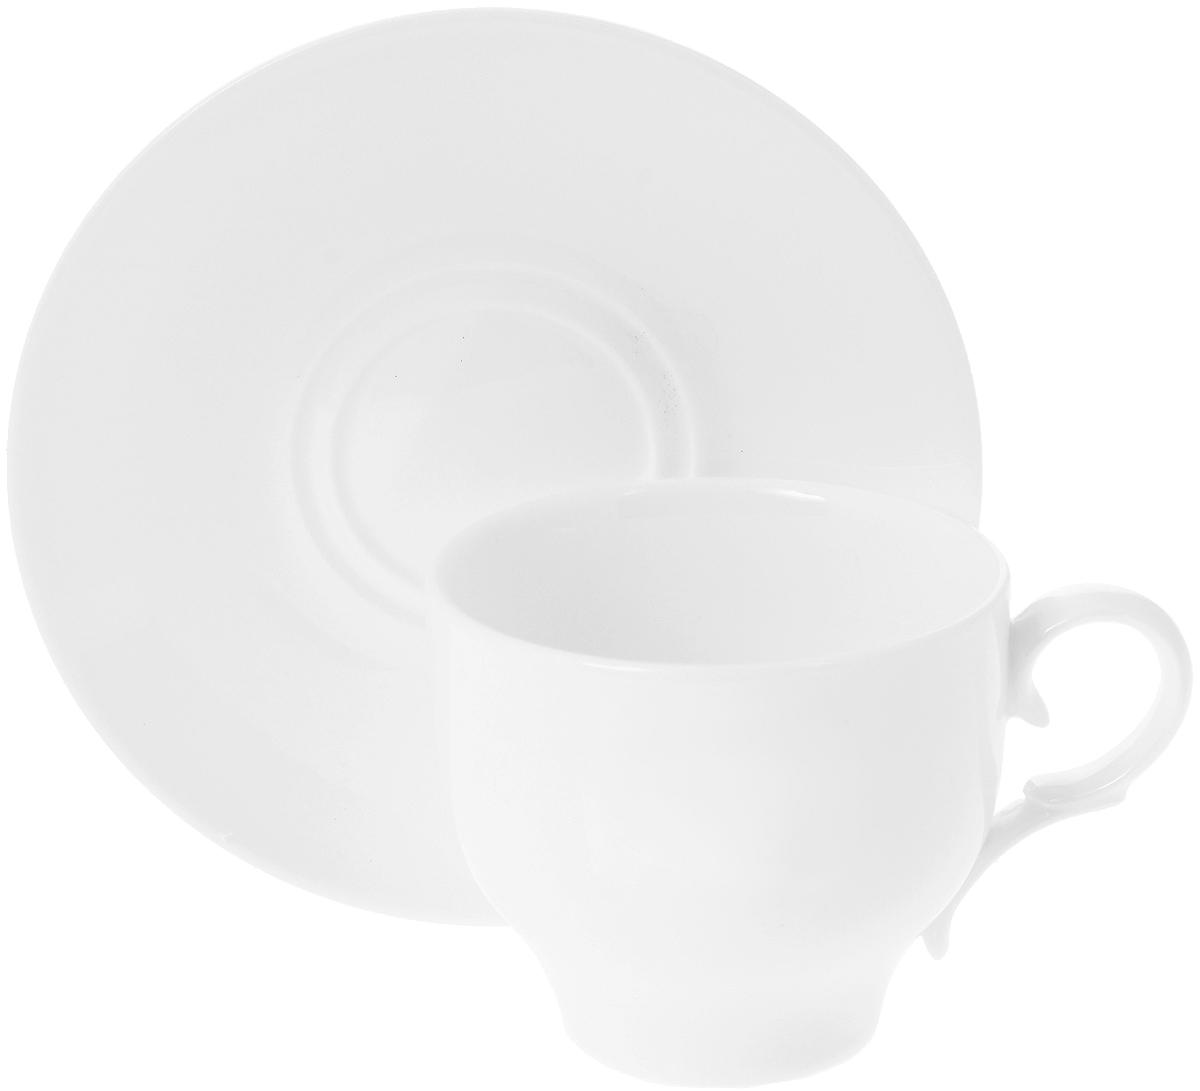 Чайная пара Wilmax, 2 предмета. WL-993009WL-993009 / ABЧайная пара Wilmax состоит из чашки и блюдца, выполненных из высококачественного фарфора и оформленных в классическом стиле. Оригинальный дизайн обязательно придется вам по вкусу. Чайная пара Wilmax украсит ваш кухонный стол, а также станет замечательным подарком к любому празднику. Объем чашки: 220 мл. Диаметр чашки (по верхнему краю): 8 см. Диаметр основания чашки: 4,5 см. Высота чашки: 7 см. Диаметр блюдца: 14 см.